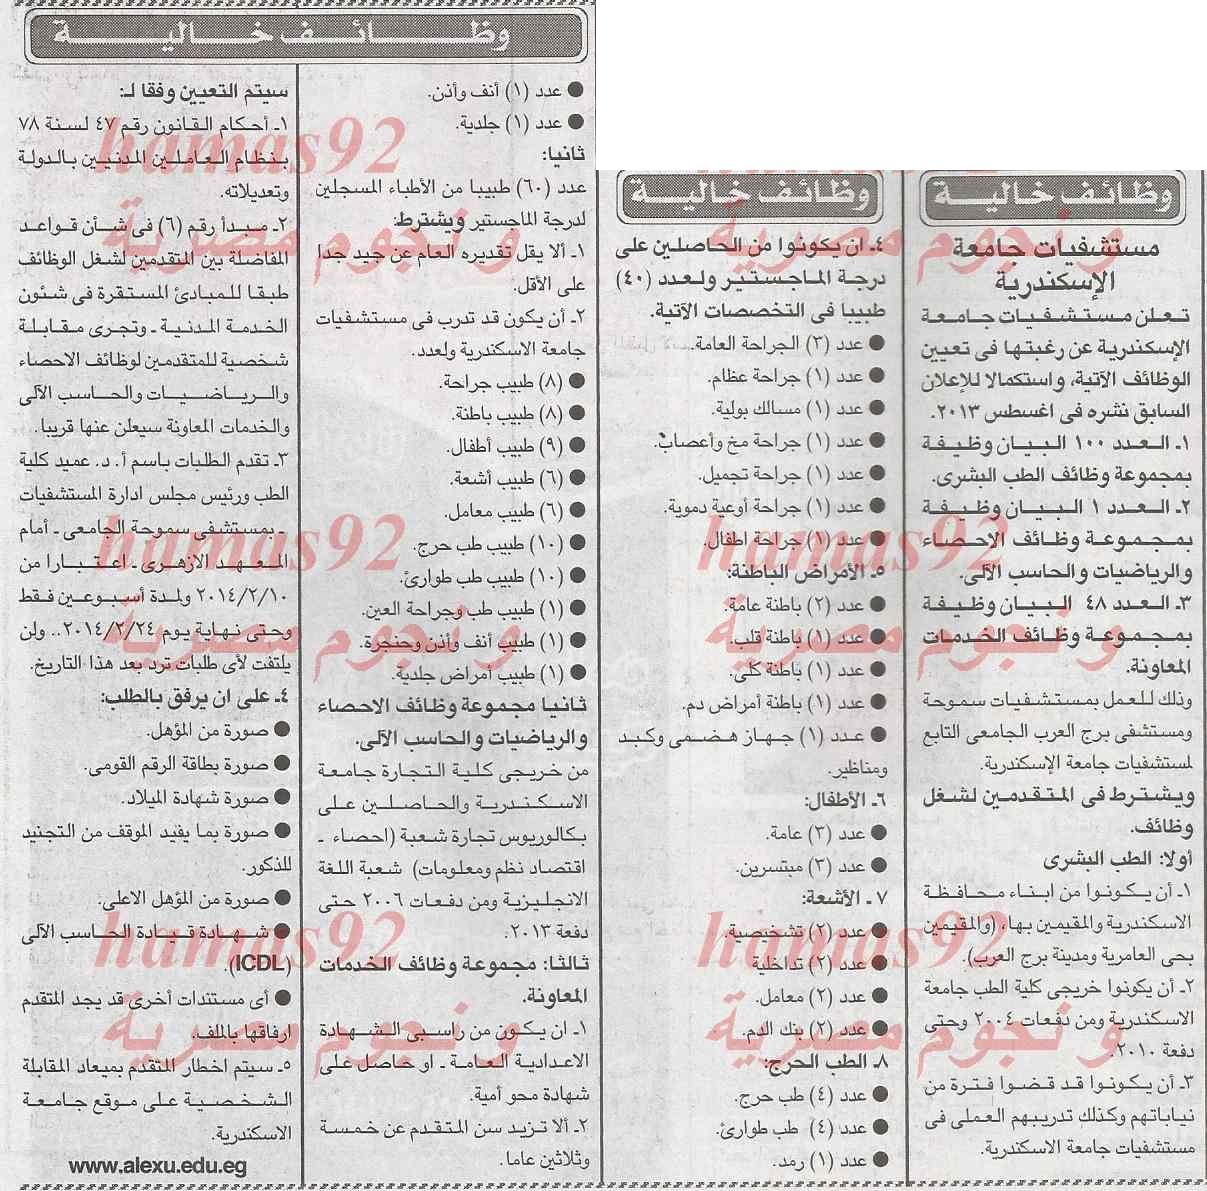 وظائف جريدة الجمهورية اليوم الخميس 6-2-2014 , وظائف خالية اليوم 6 فبراير 2014